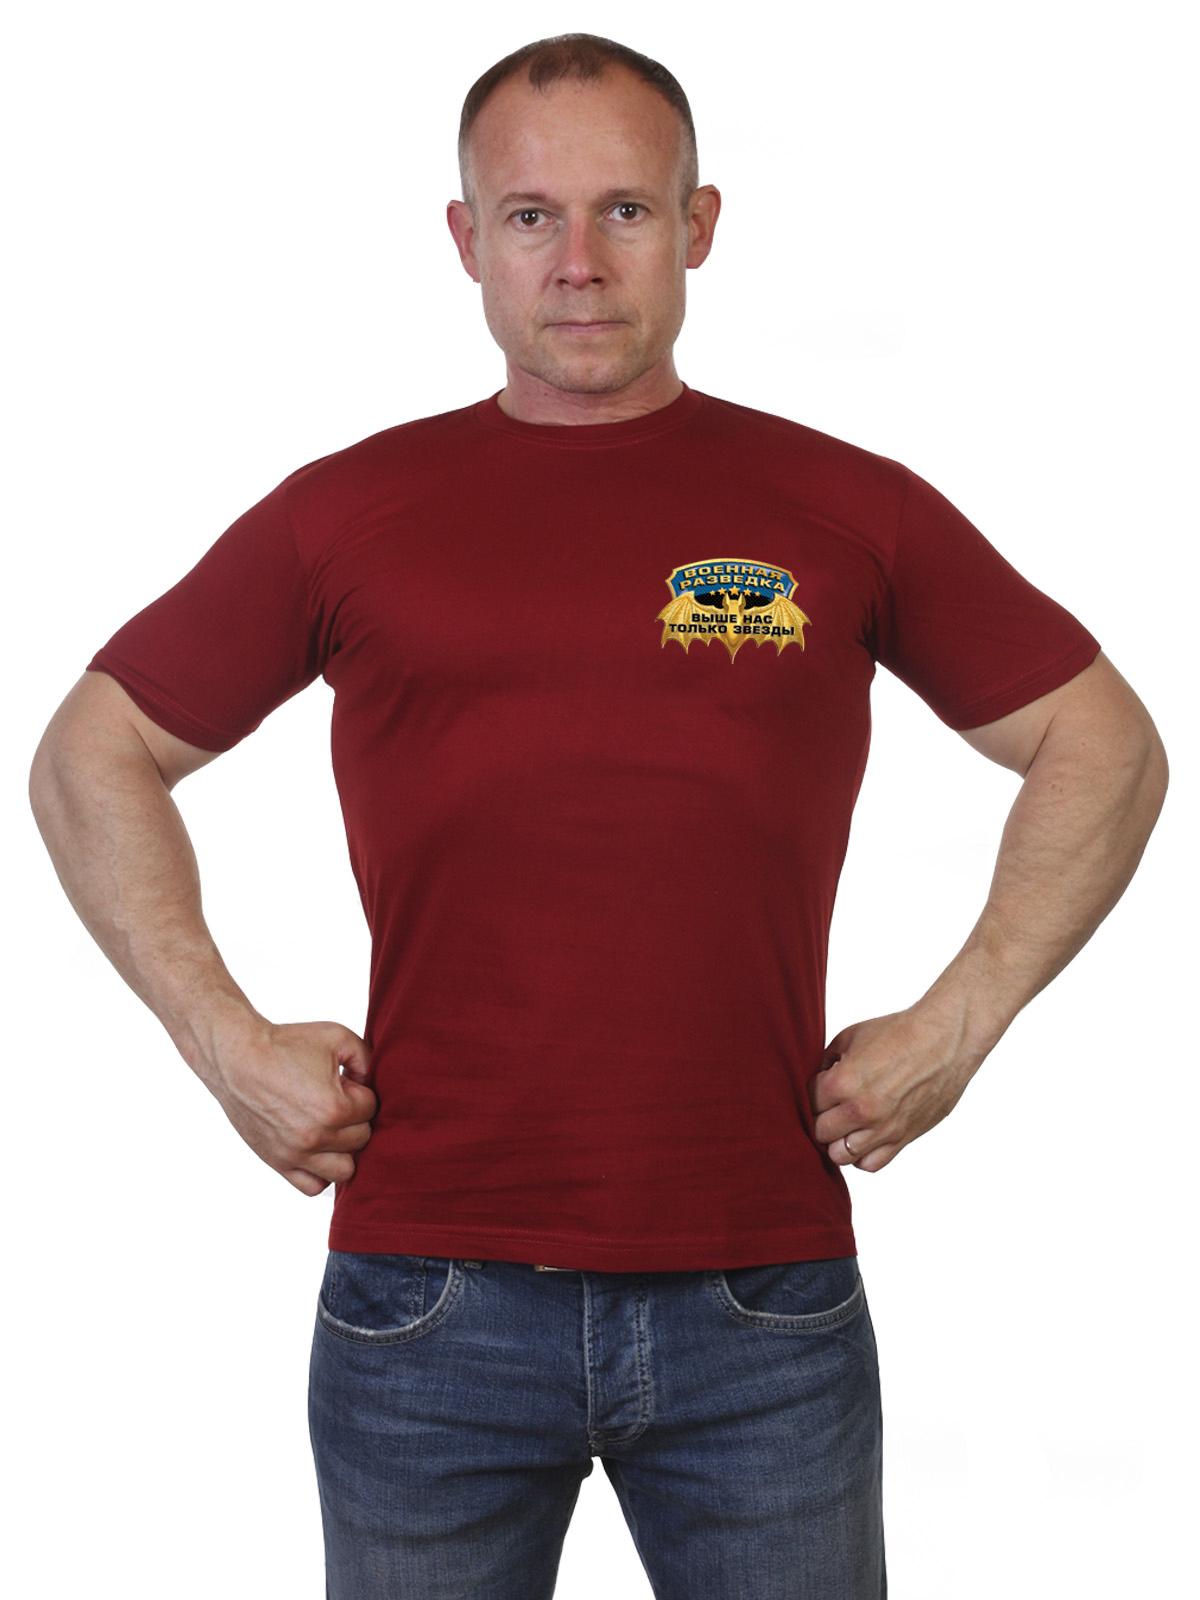 Купить футболку Военная разведка